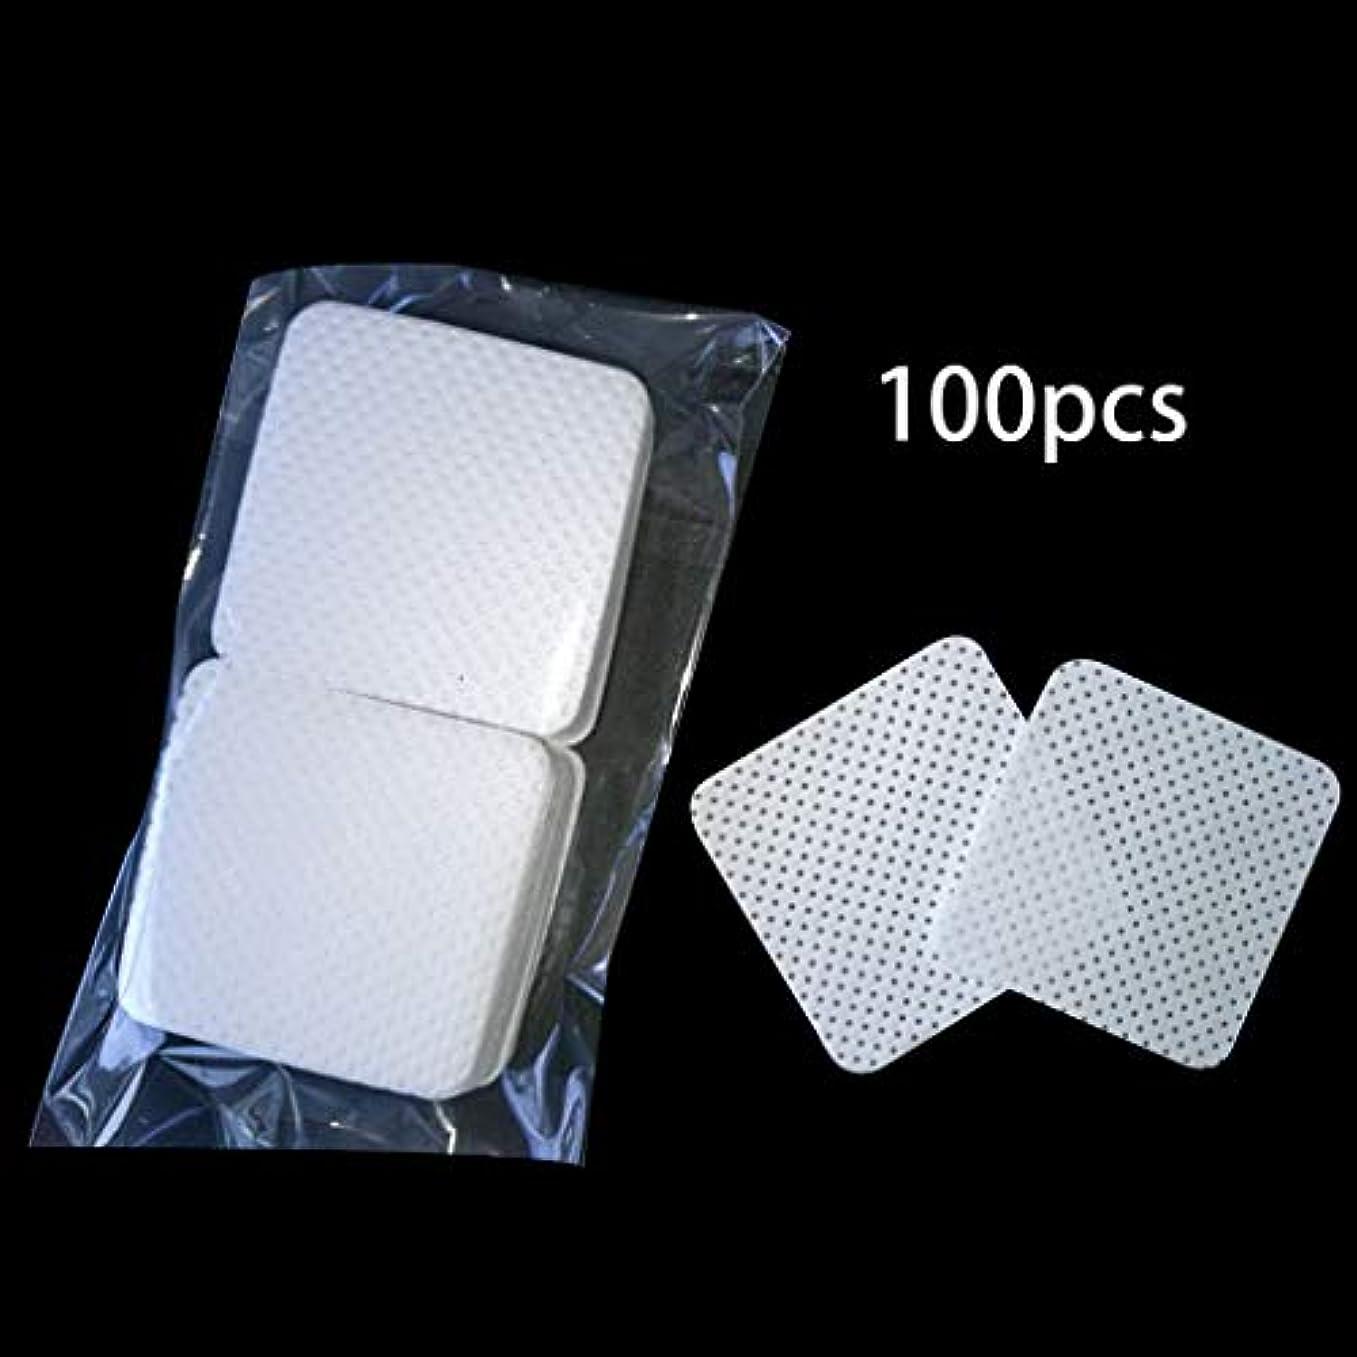 保護する全員養うLamdoo 100ピース/バッグ使い捨てまつげエクステンション接着剤削除綿パッド瓶口拭きパッチメイク化粧品クリーニングツール